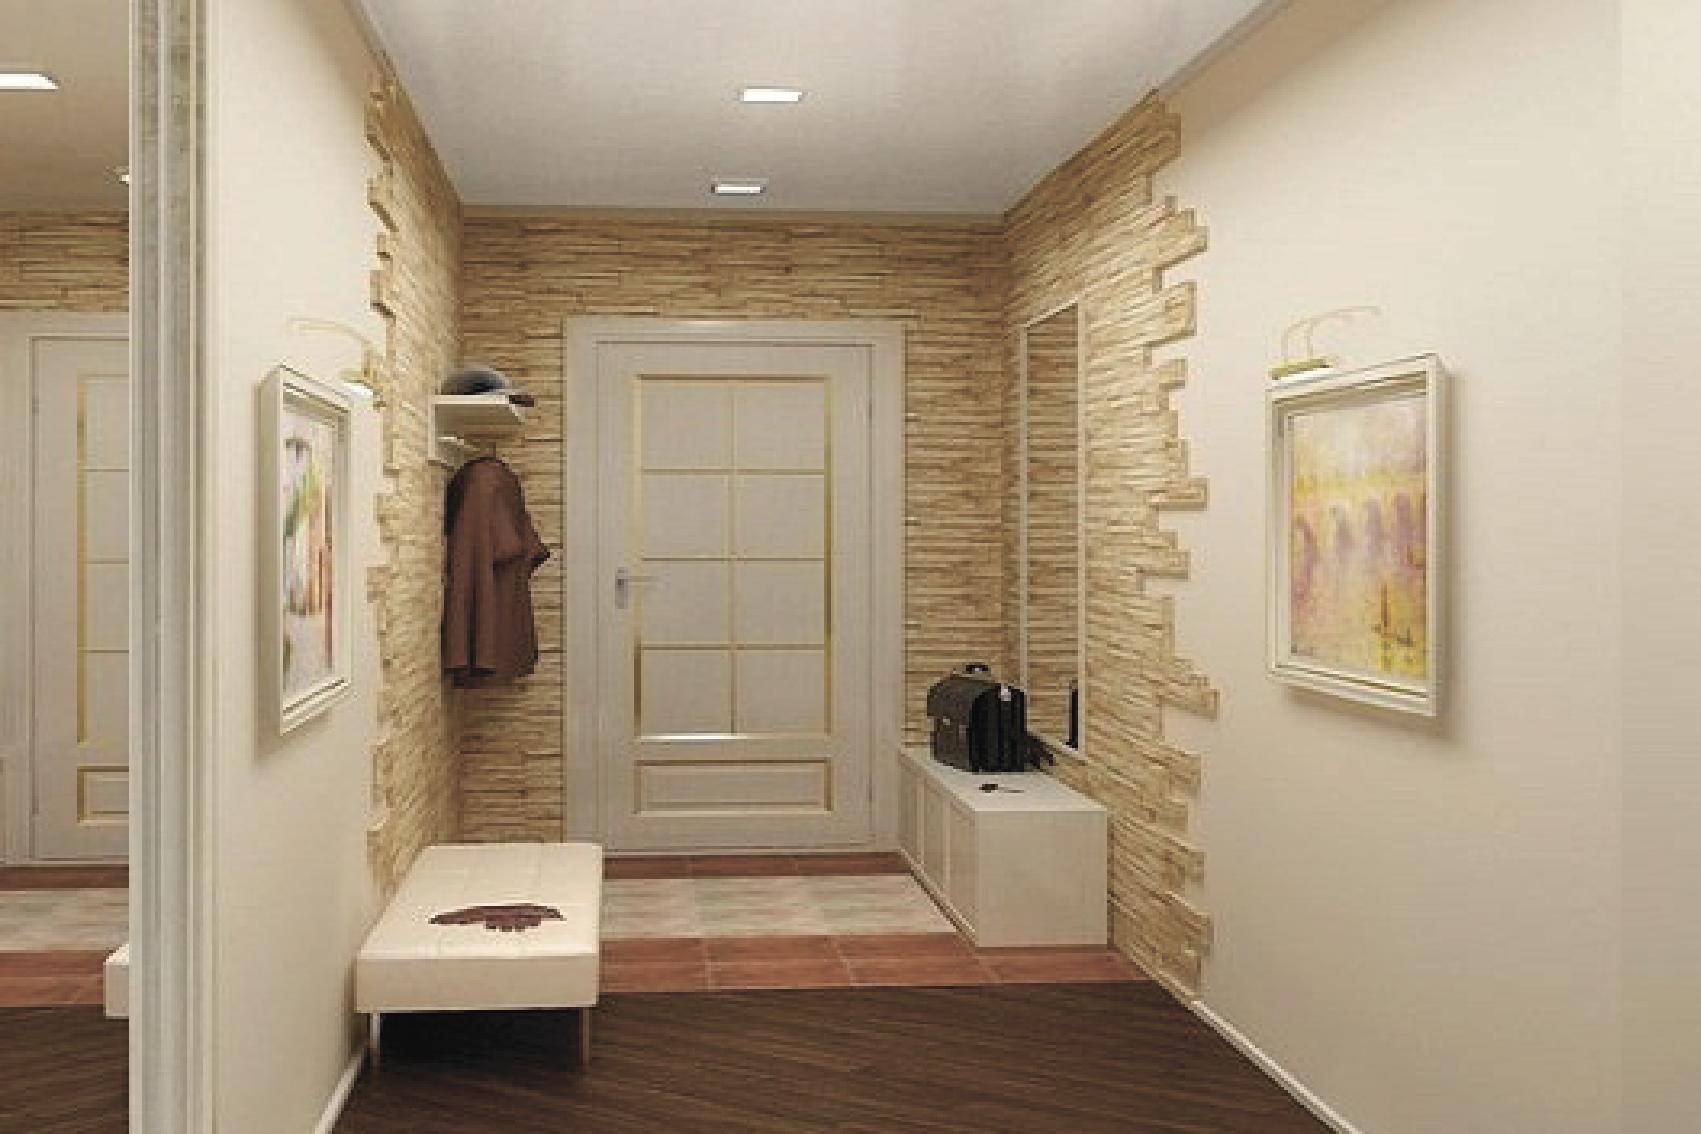 агломератный камень в стилистике проходной комнате